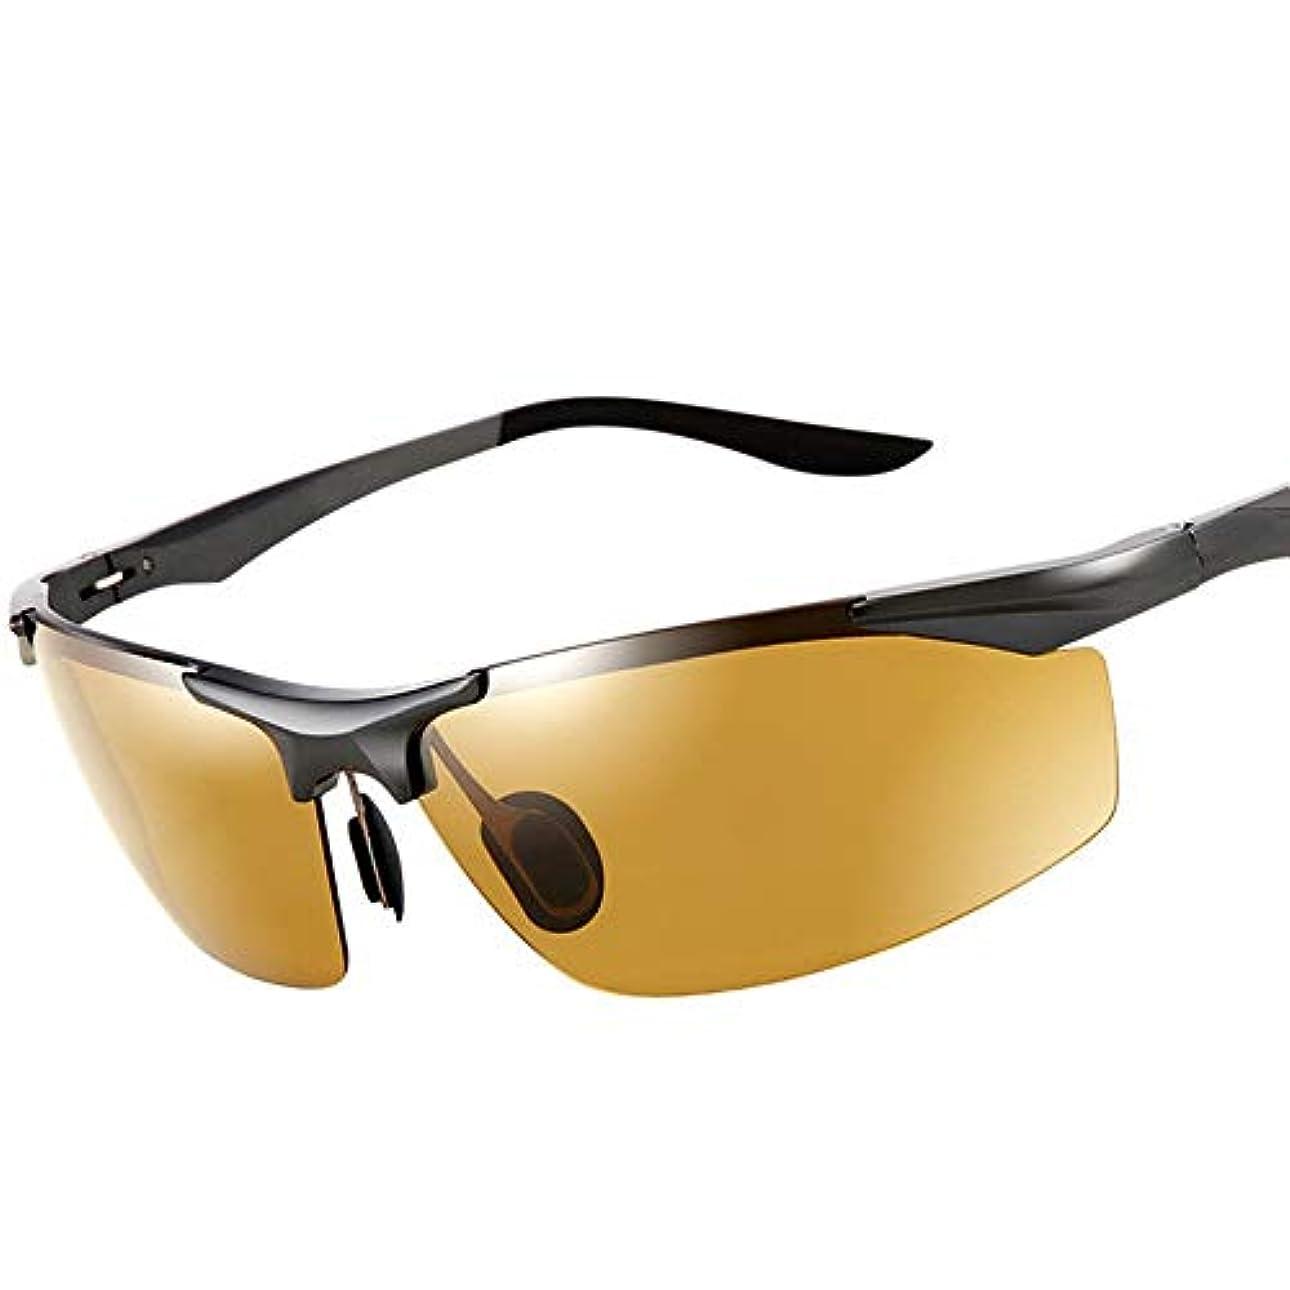 シャーロットブロンテホップセクタFillman 男性用サングラスUV偏光メガネカラー変更メガネ運転席運転用ミラーアウトドア旅行/釣り/ドライブアルミアルミ合金UV400 顧客に愛されて